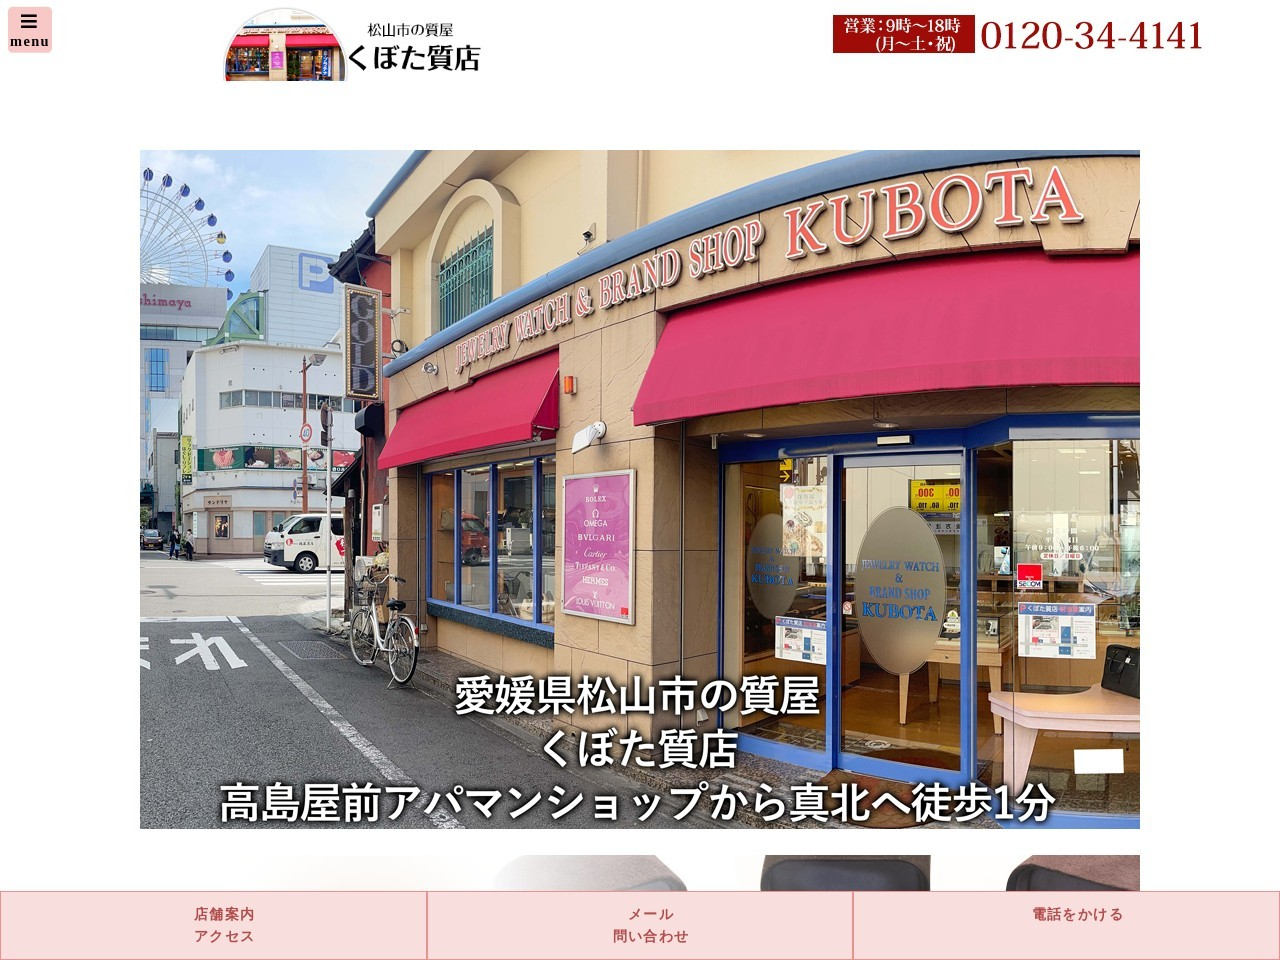 松山市駅前 質屋くぼた質店